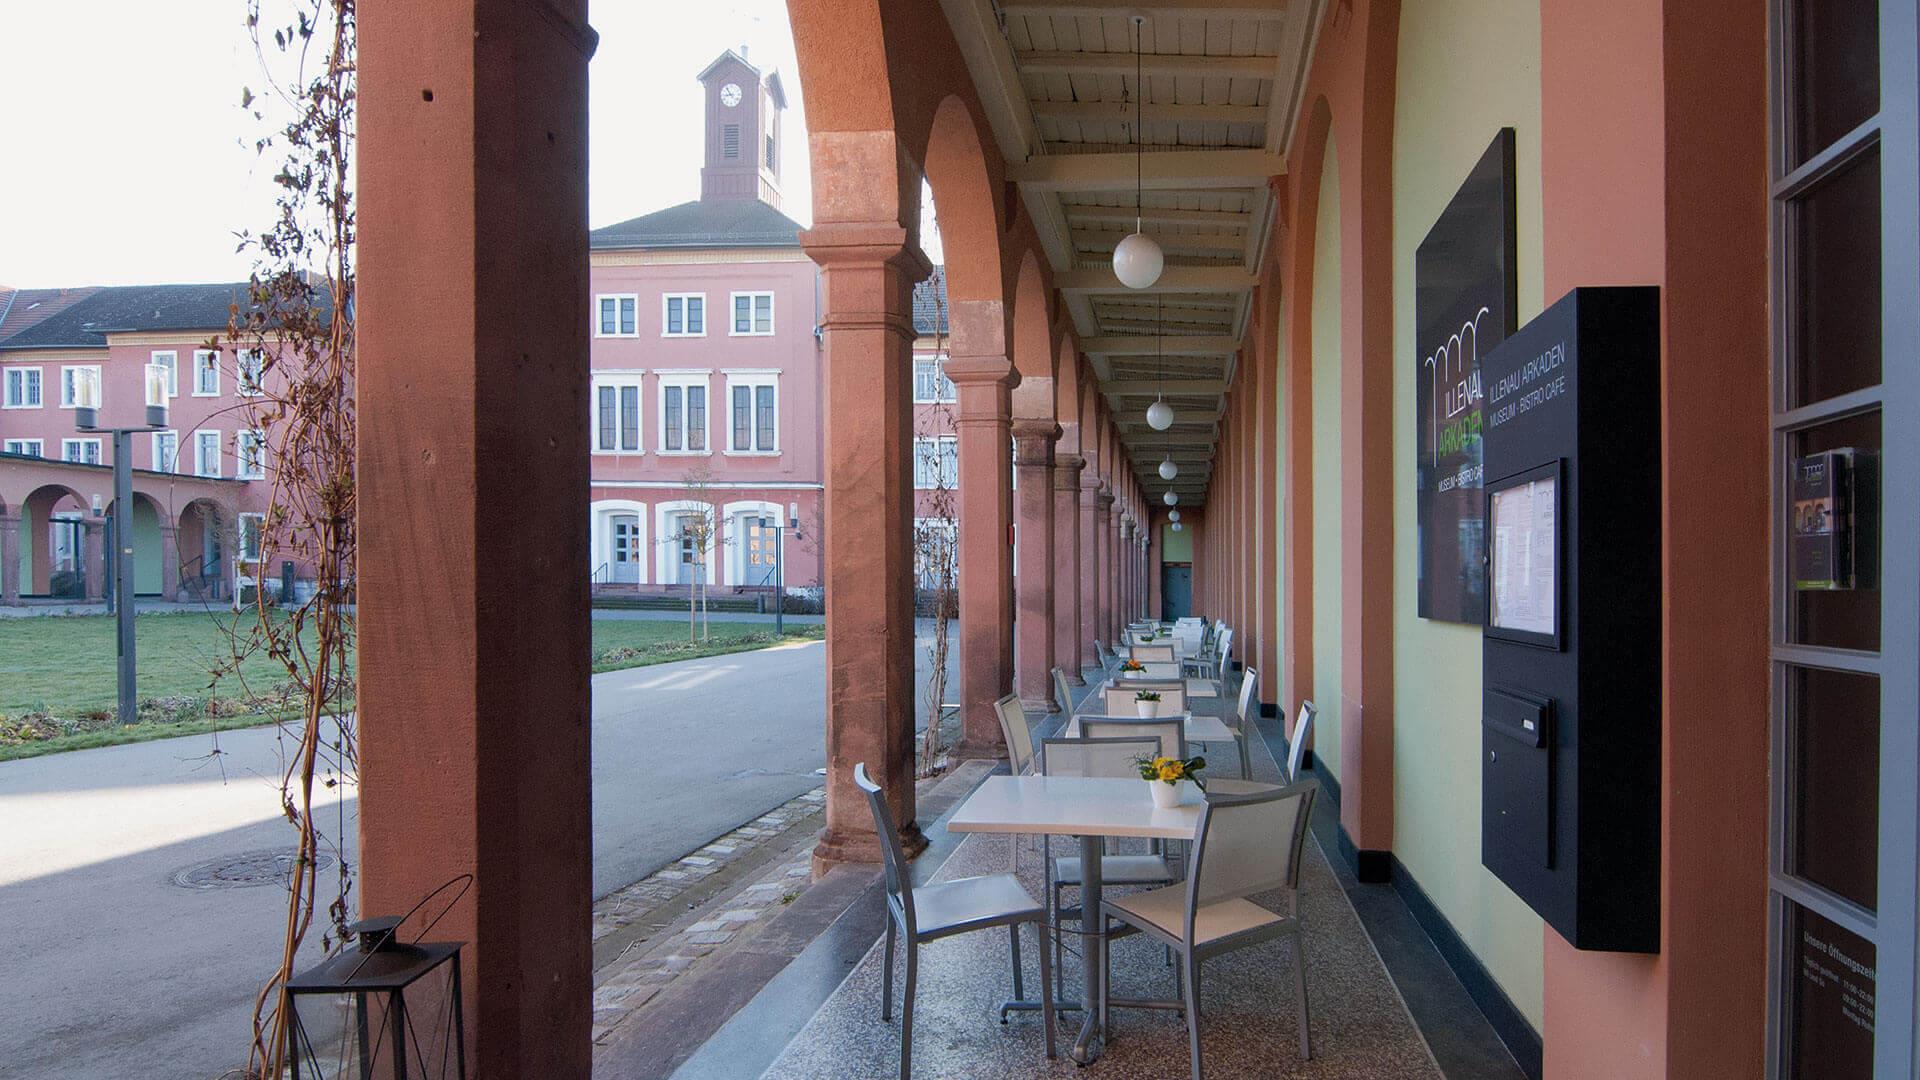 Illenau Arkaden Museum Achern Architektur Fotografie Museumsgestaltung